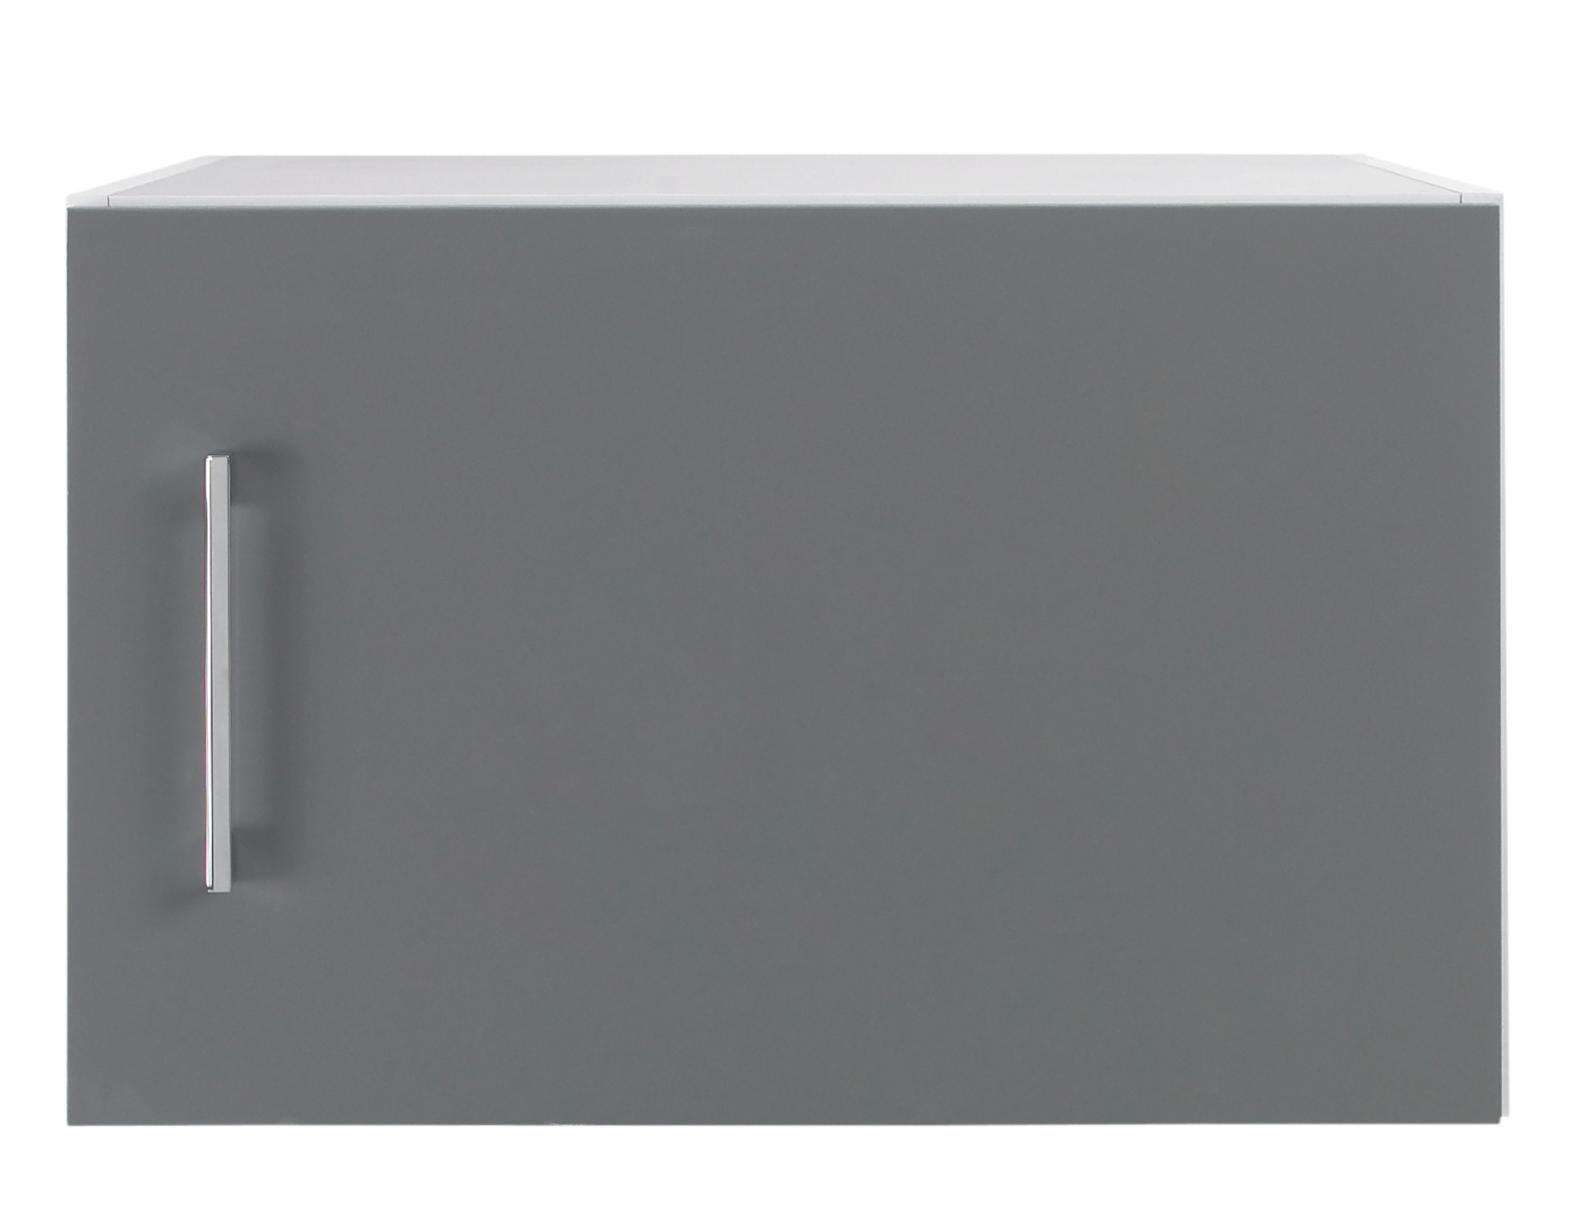 AUFSATZSCHRANK - Chromfarben/Weiß, Design, Holzwerkstoff/Metall (50/32/57cm) - WELNOVA